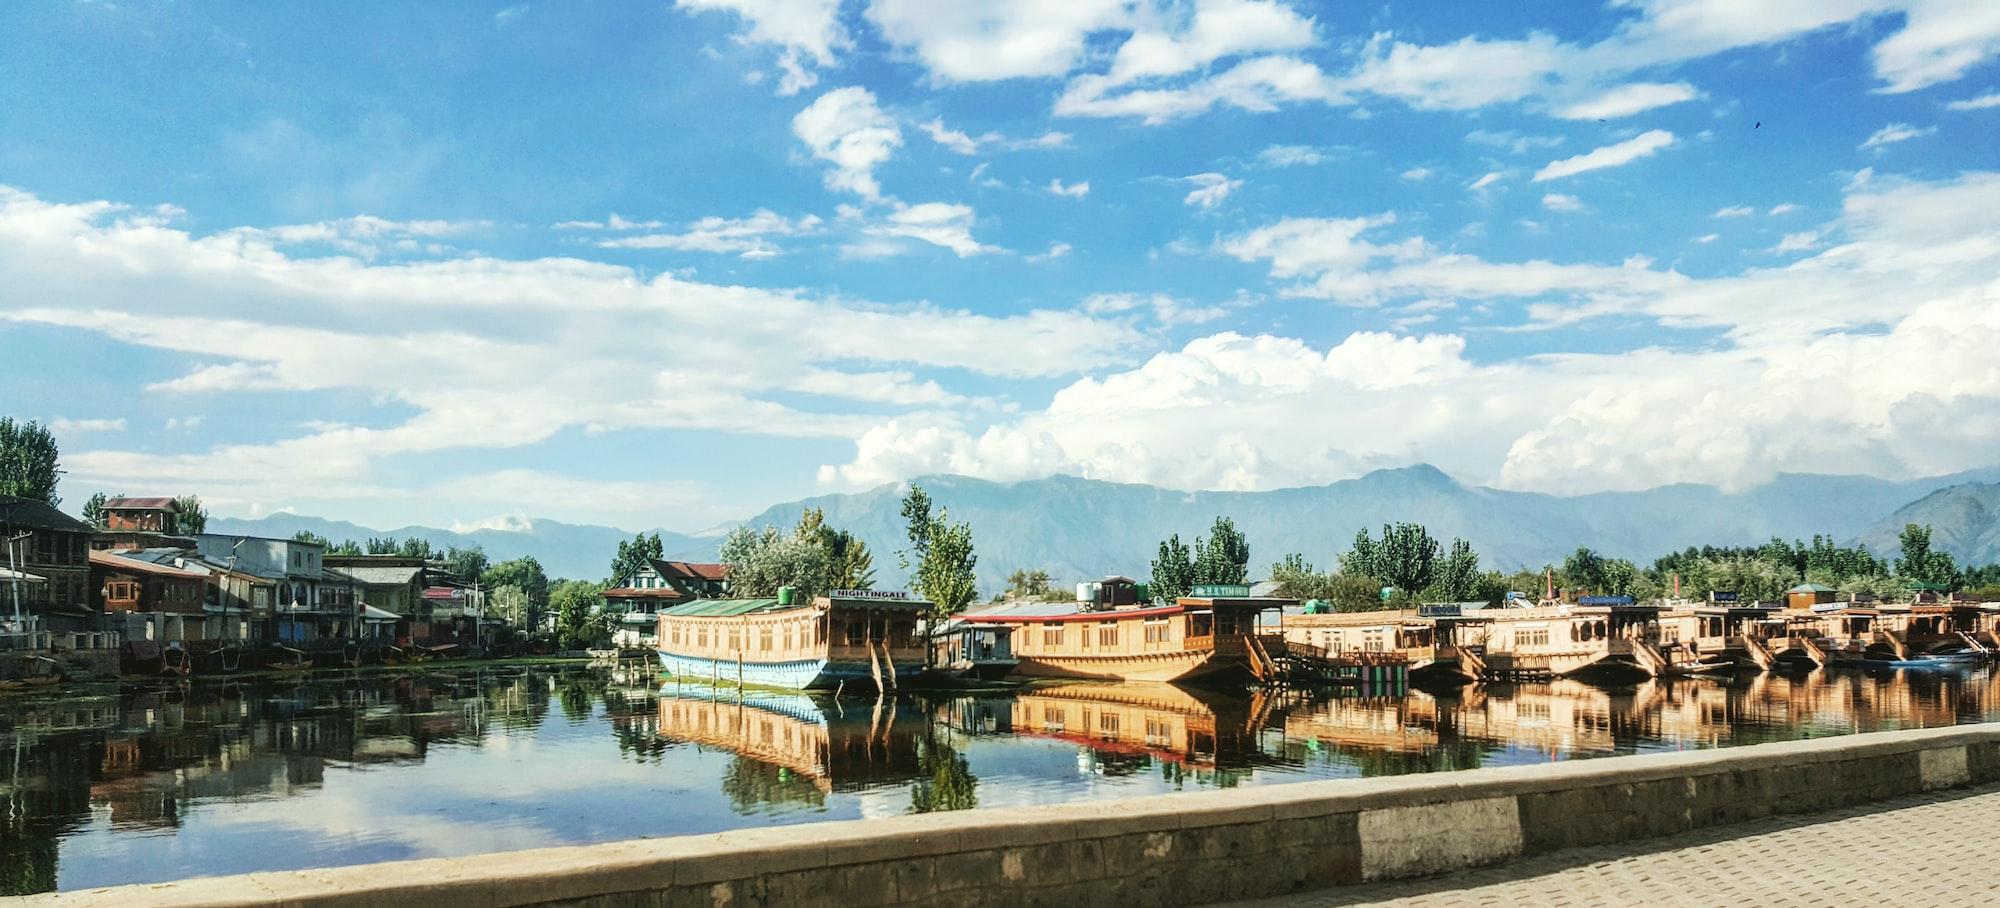 Dal Lake reflection in Srinagar (Kashmir) 🇮🇳